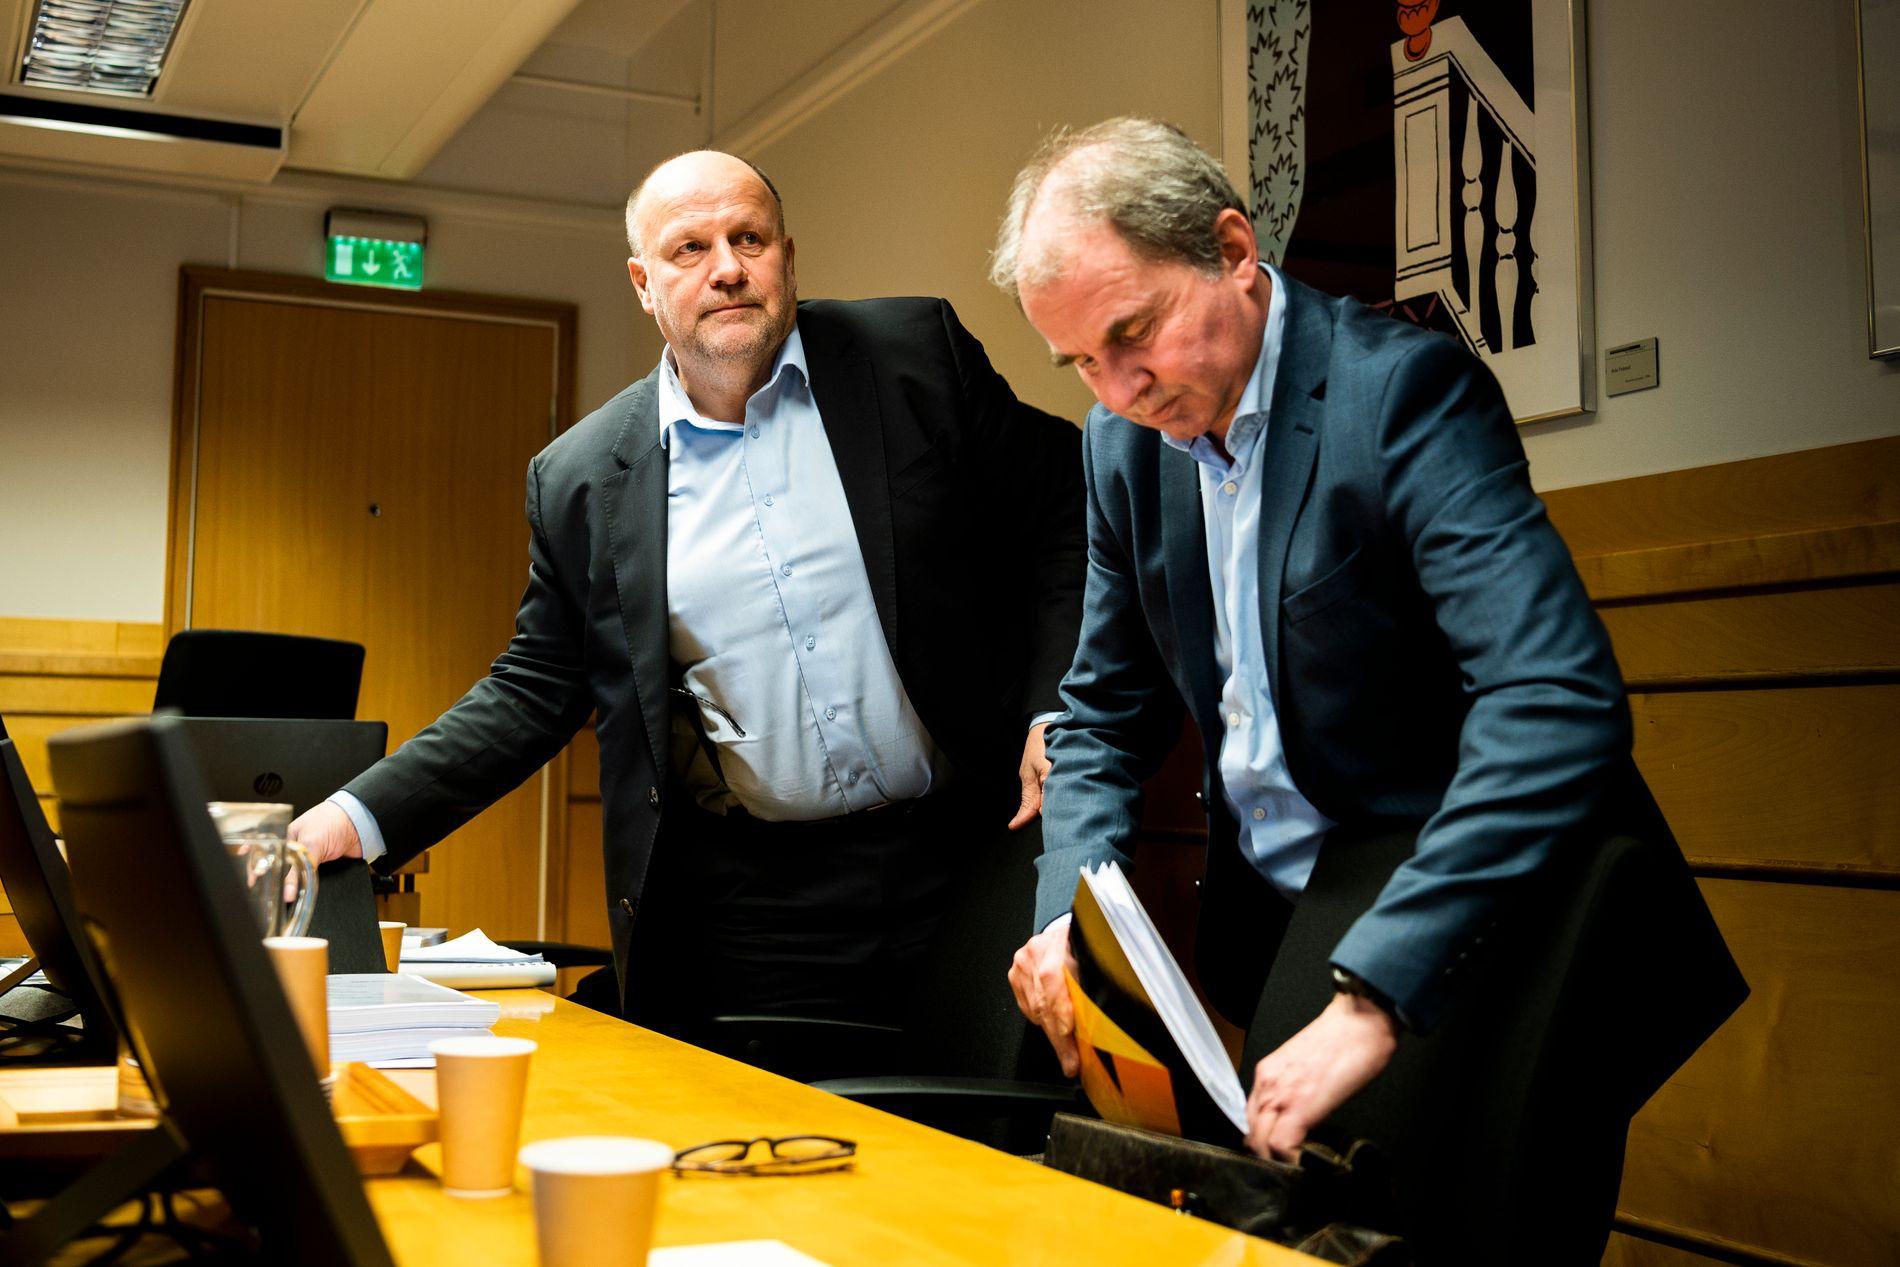 I RETTEN: Styreleder Ivar Koteng og organisasjonsleder Trond Alstad møtte i tingretten etter at klubben ble saksøkt av Kåre Ingebrigtsen.